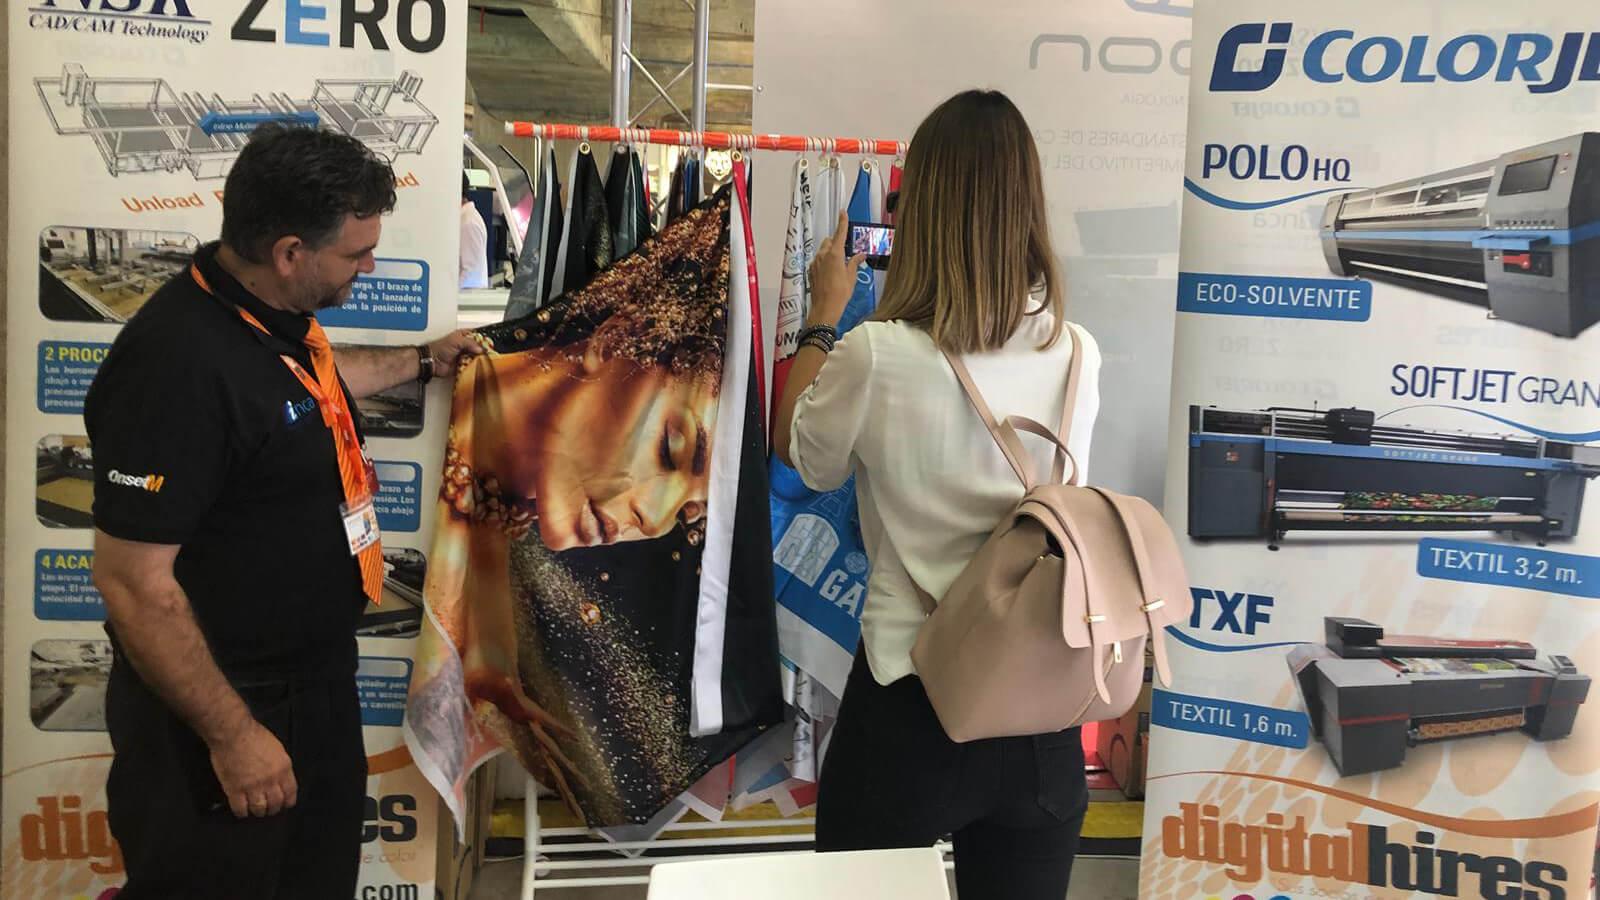 Digital Hires in Spain